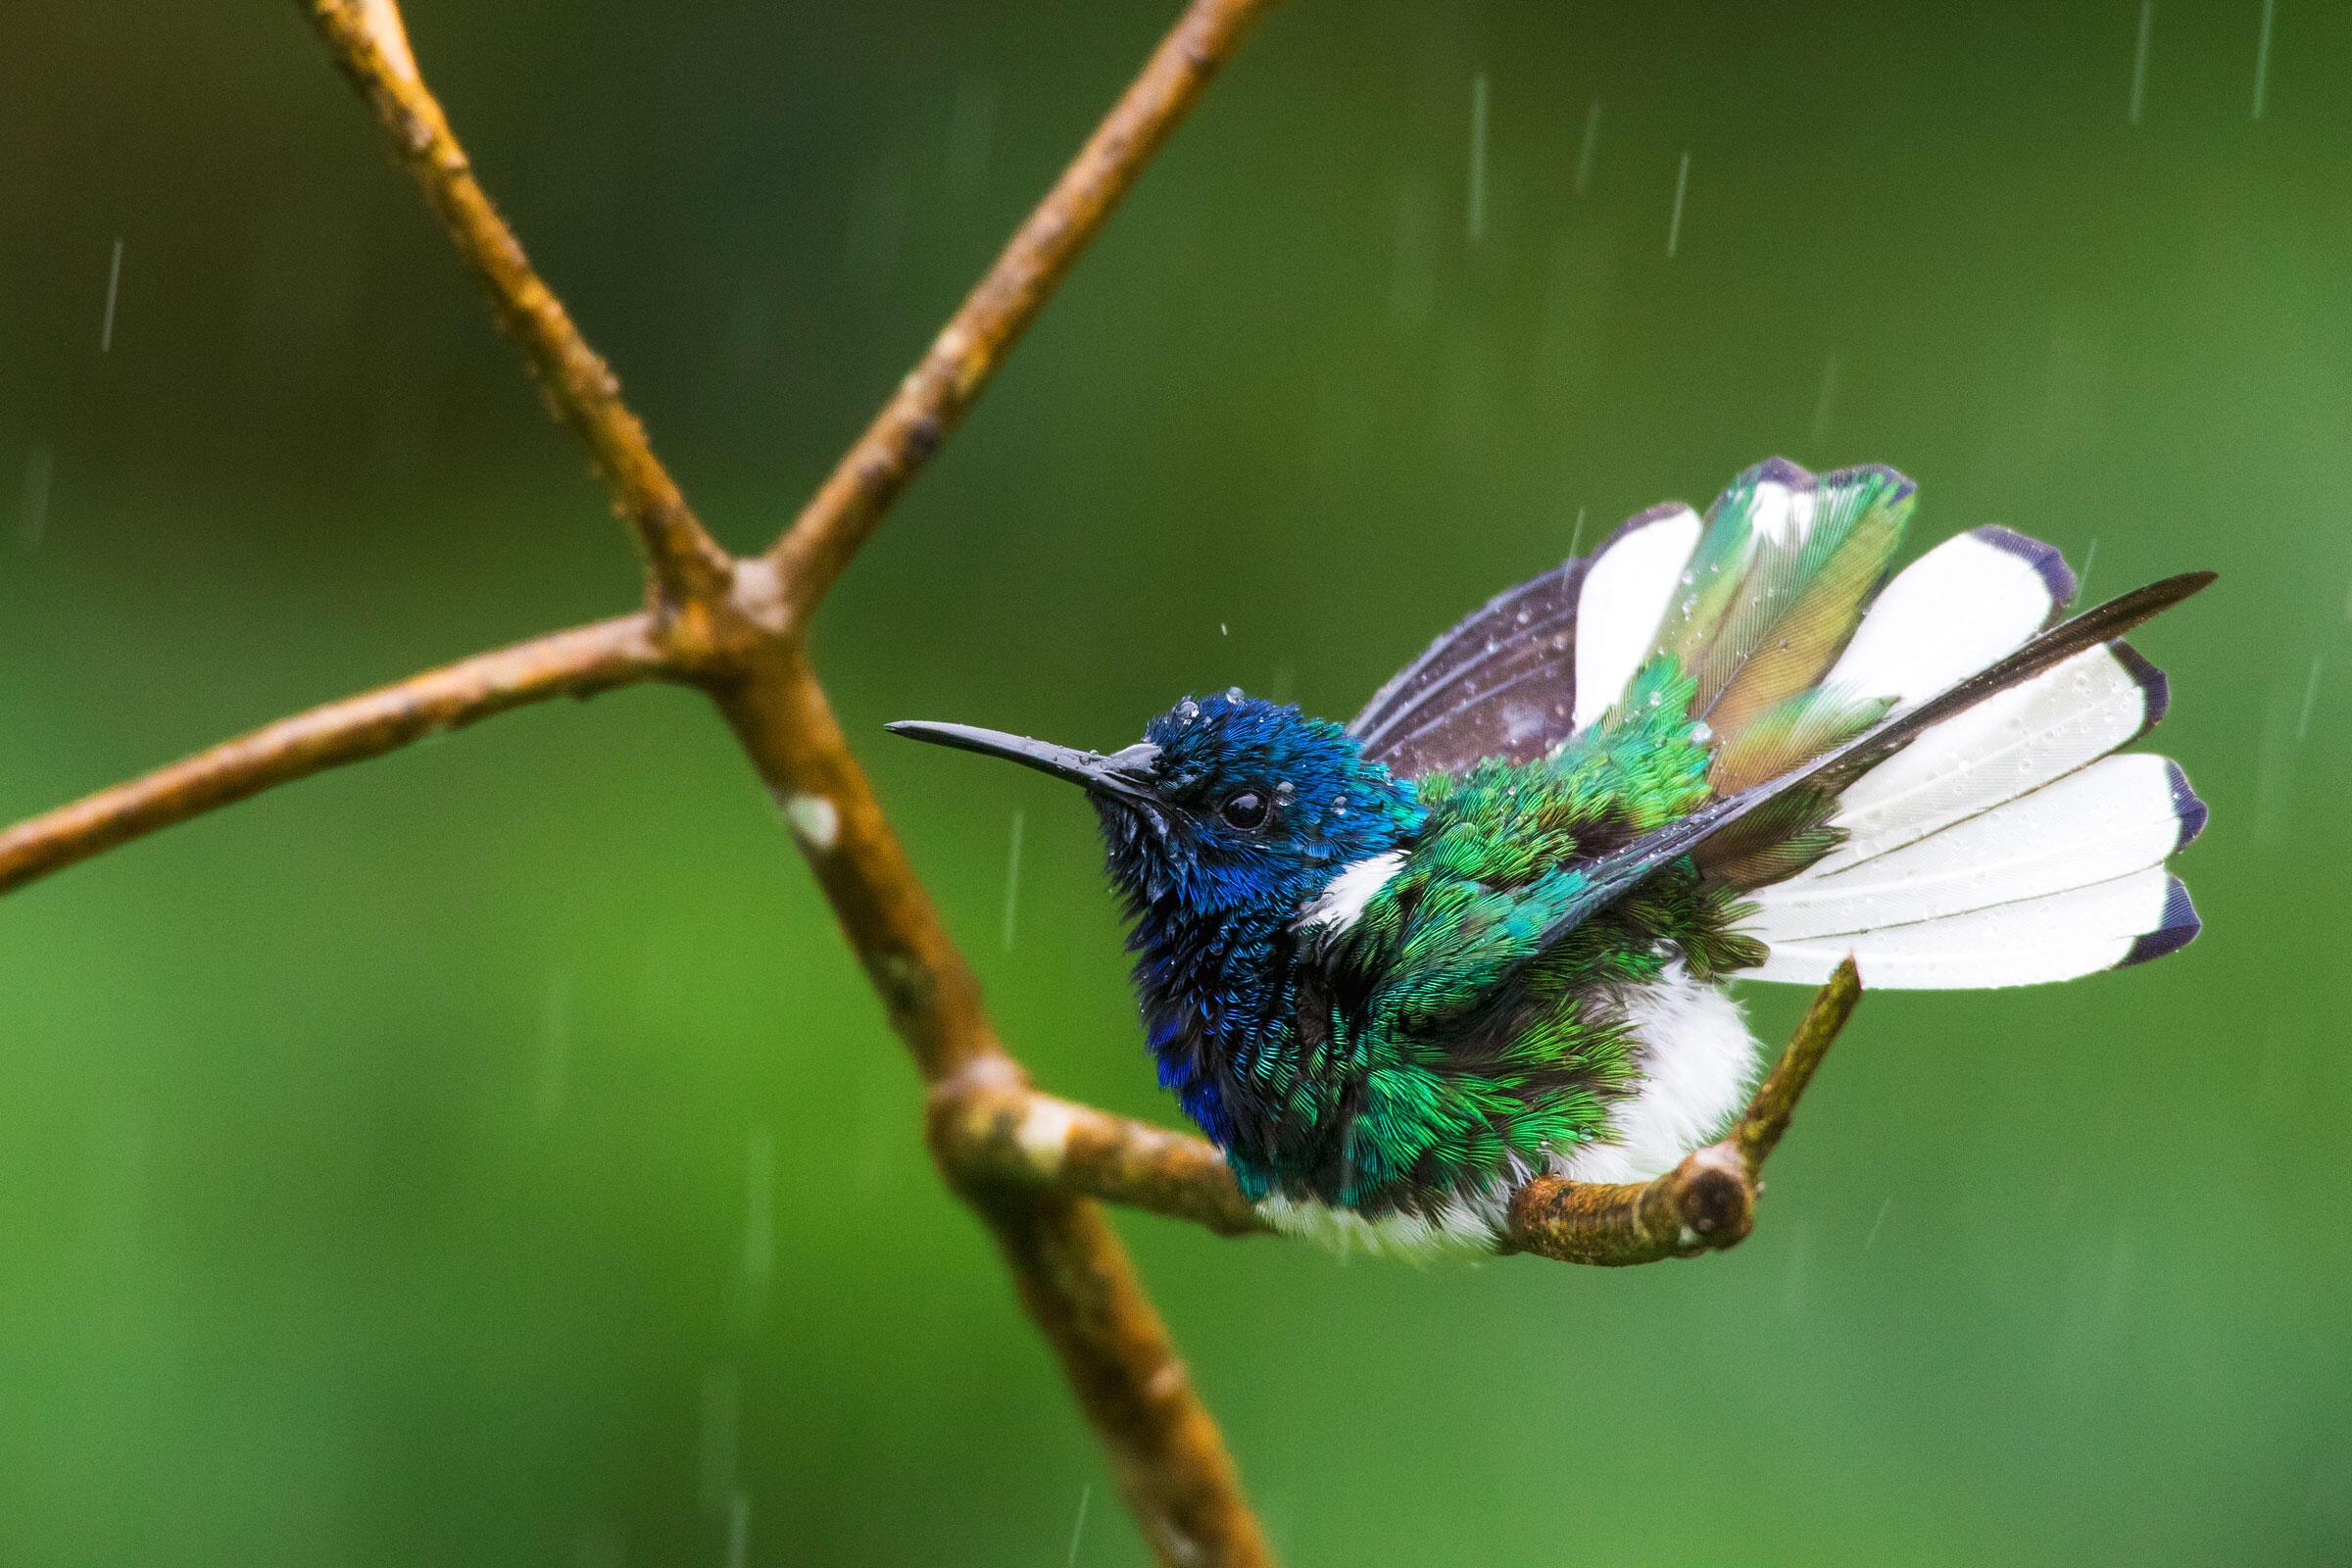 White-necked Jacobin/Professional Category. Ken Archer/Audubon Photography Awards